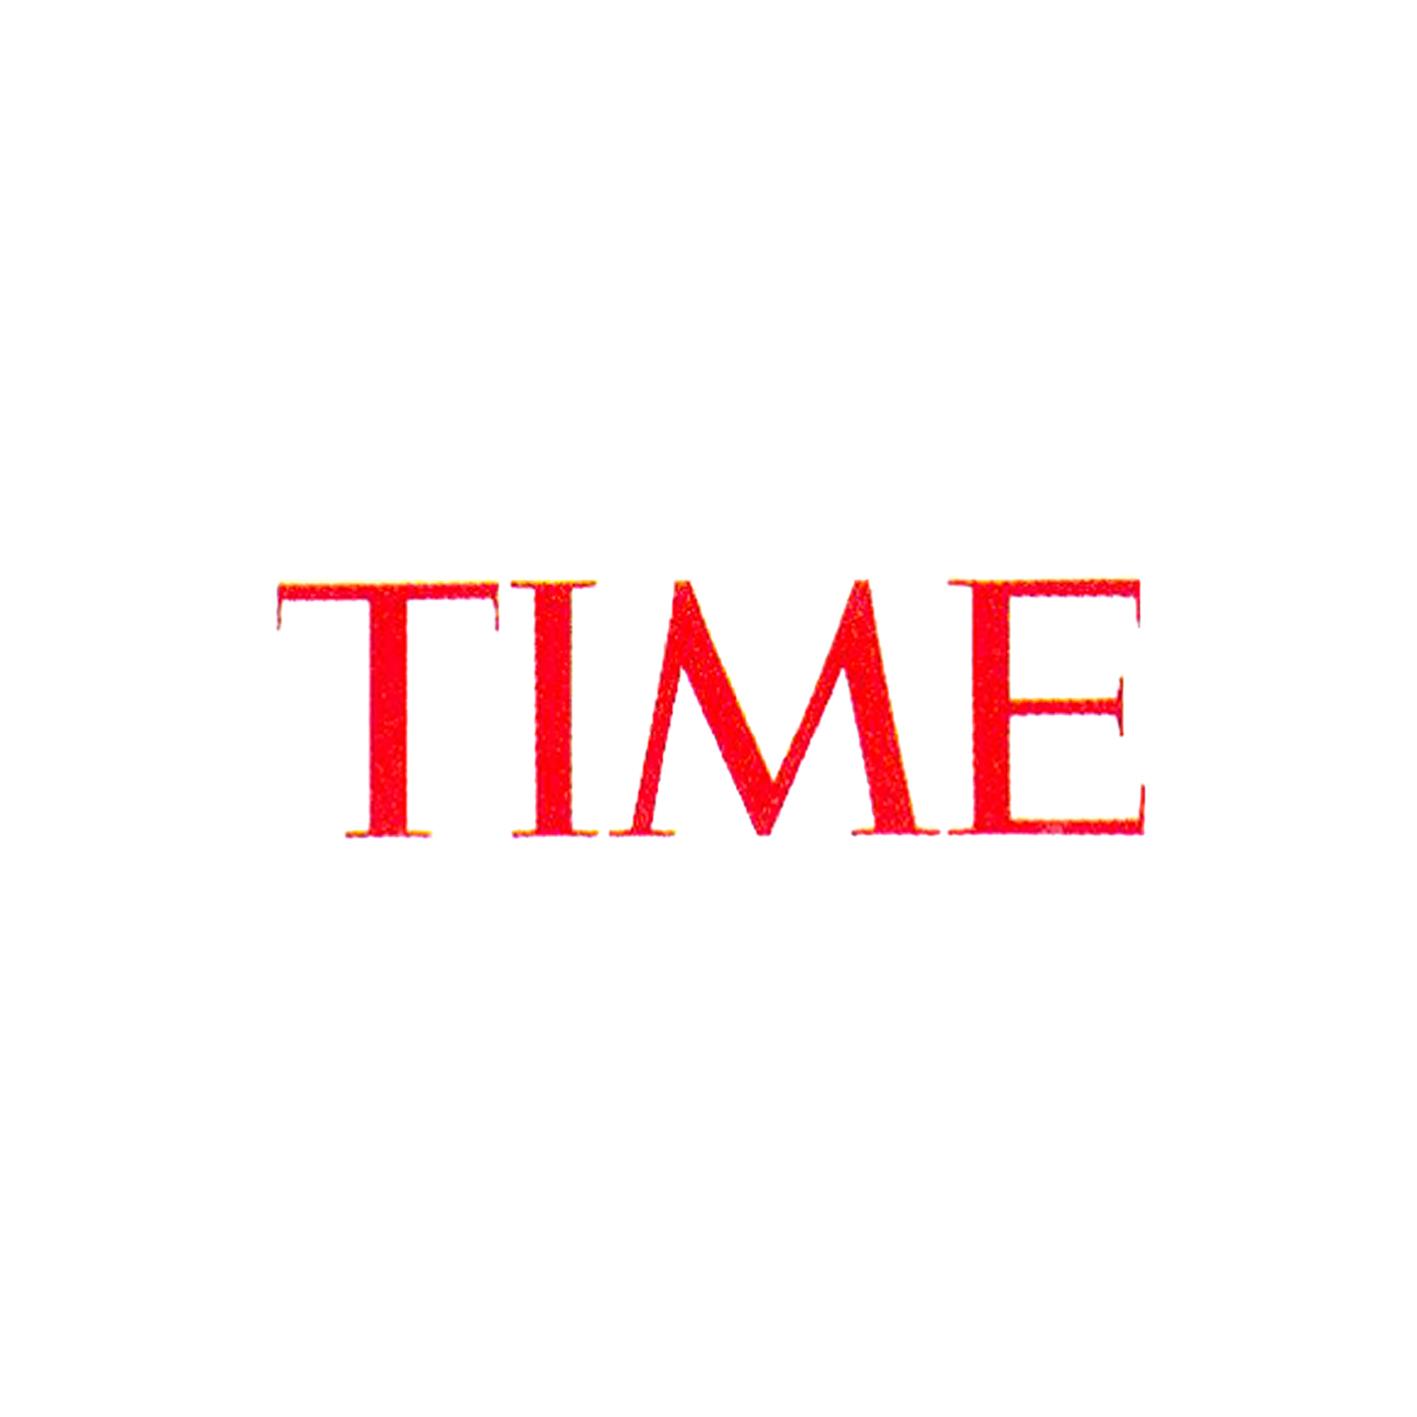 logo_design_2246.jpg